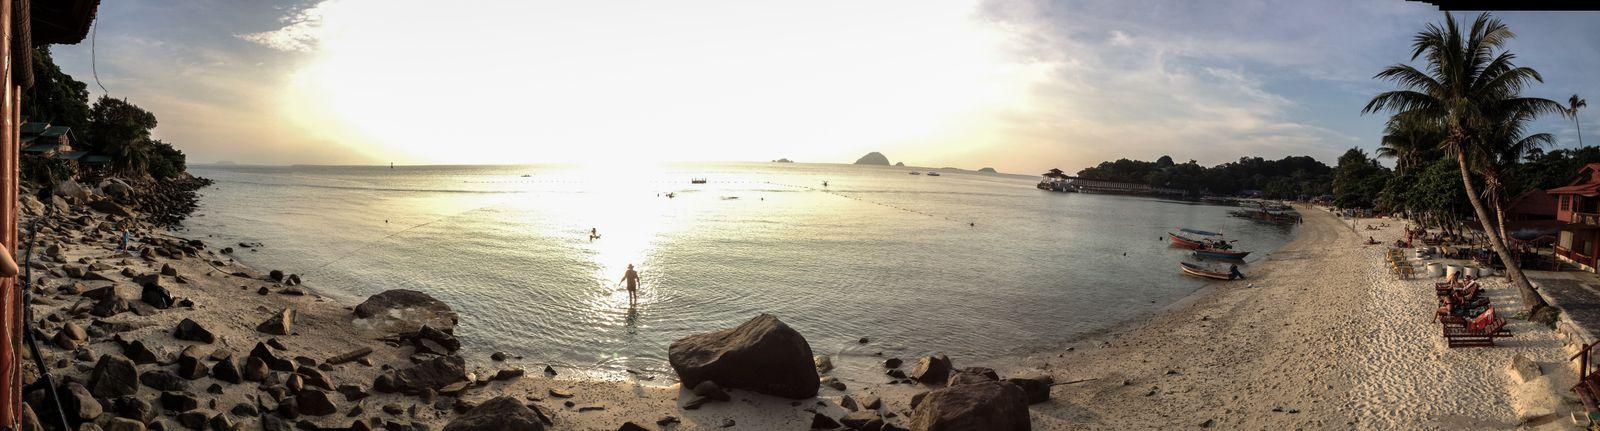 2014 MALAISIE : Perhentian-Kecil-Island